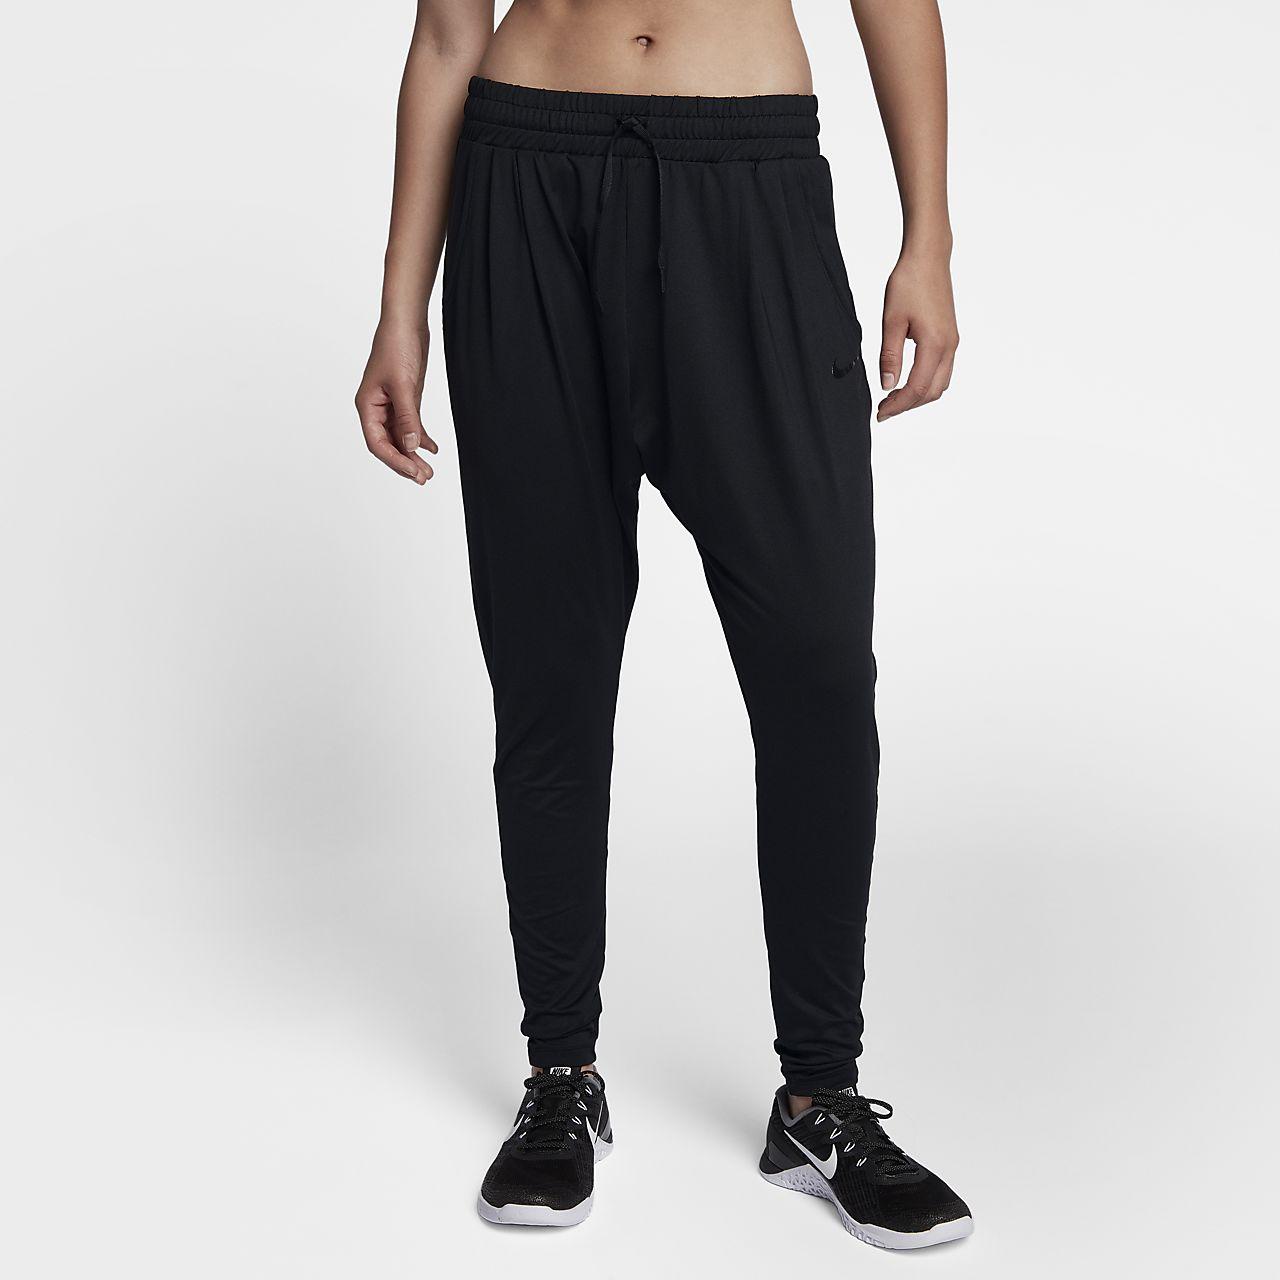 Nike Dri-FIT Lux Flow Trainingsbroek met halfhoge taille voor dames